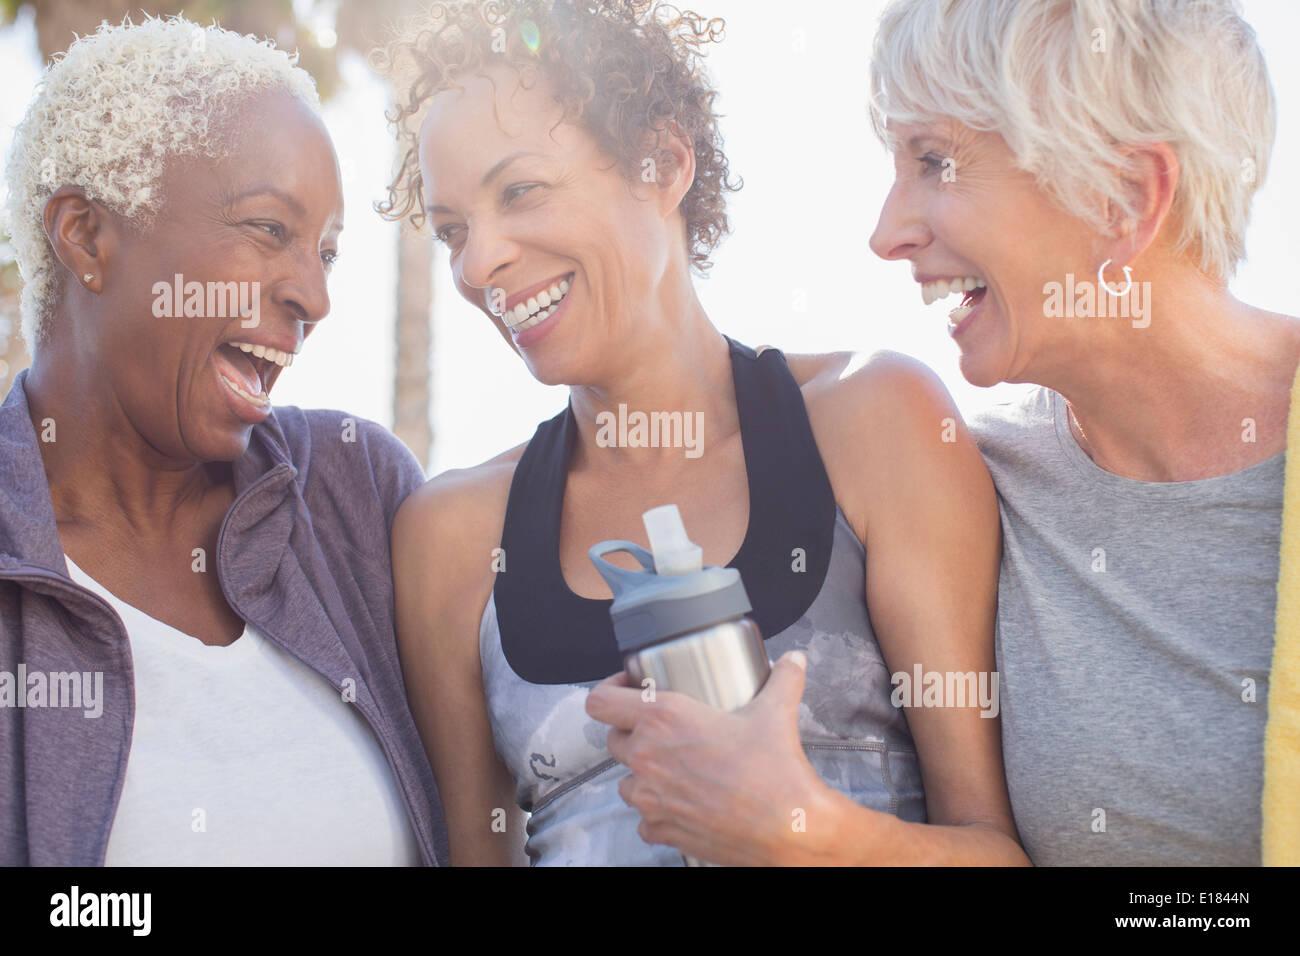 Senior women laughing in sportswear - Stock Image